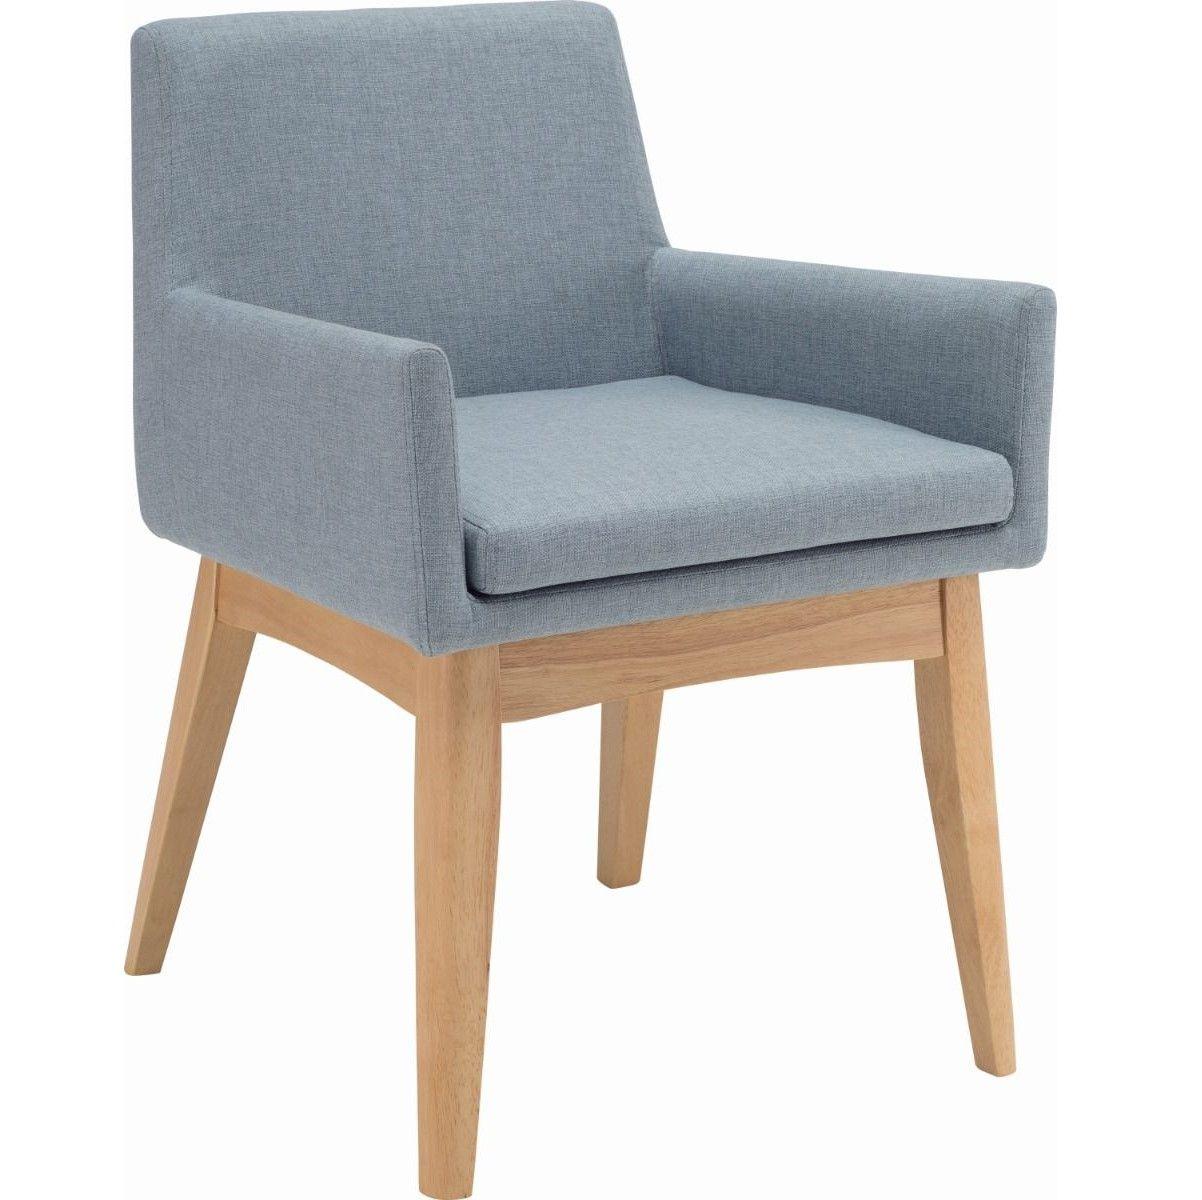 34+ Esstisch sessel mit armlehne Sammlung